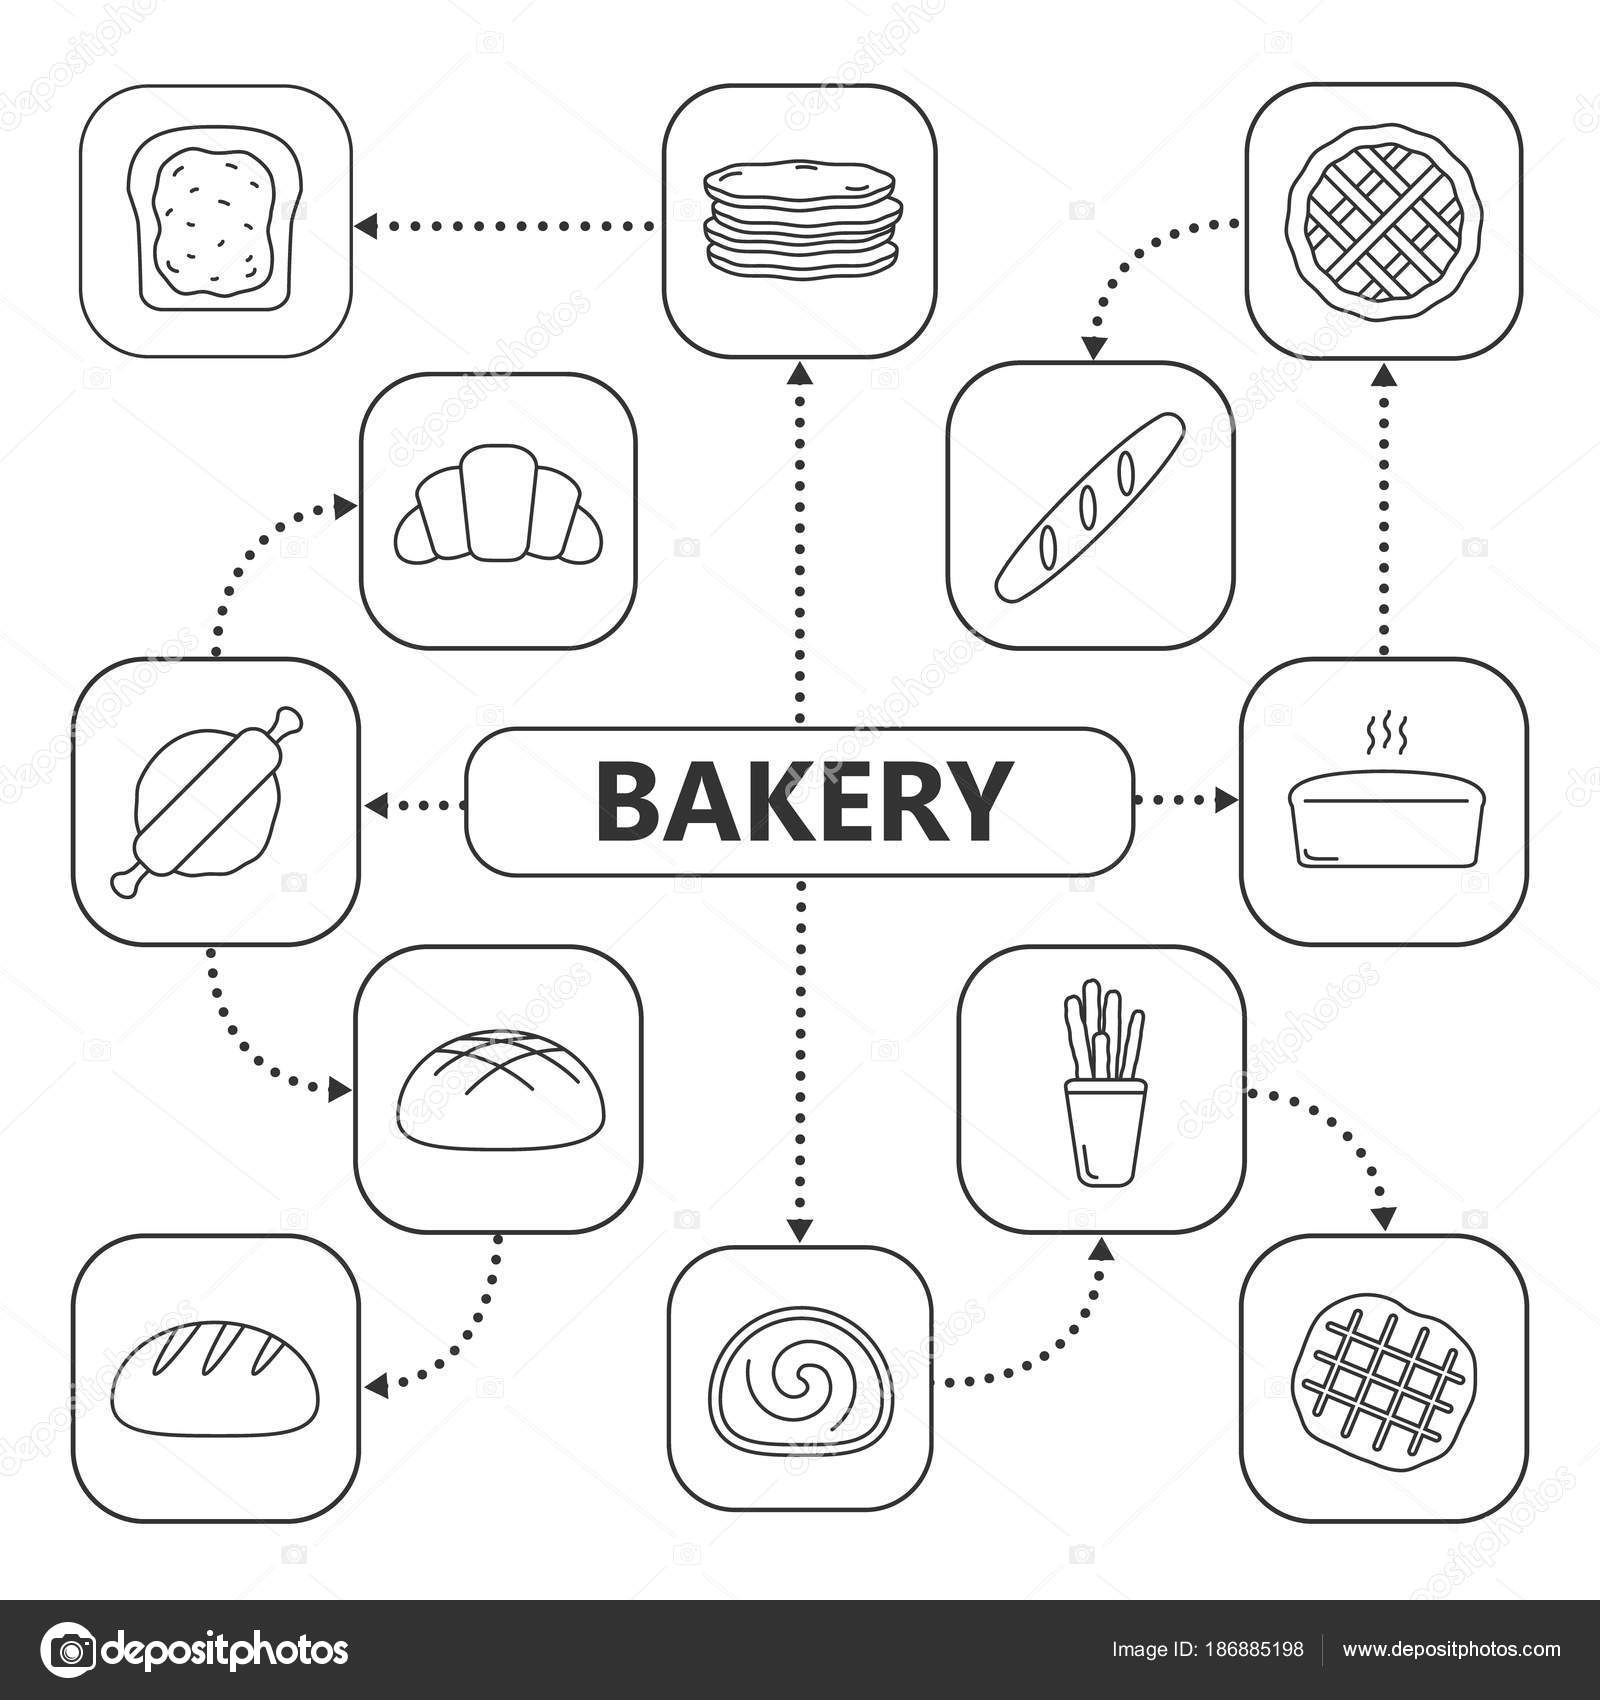 Carte Boulangerie.Carte Mentale Boulangerie Avec Des Icones Lineaires Regime Concept